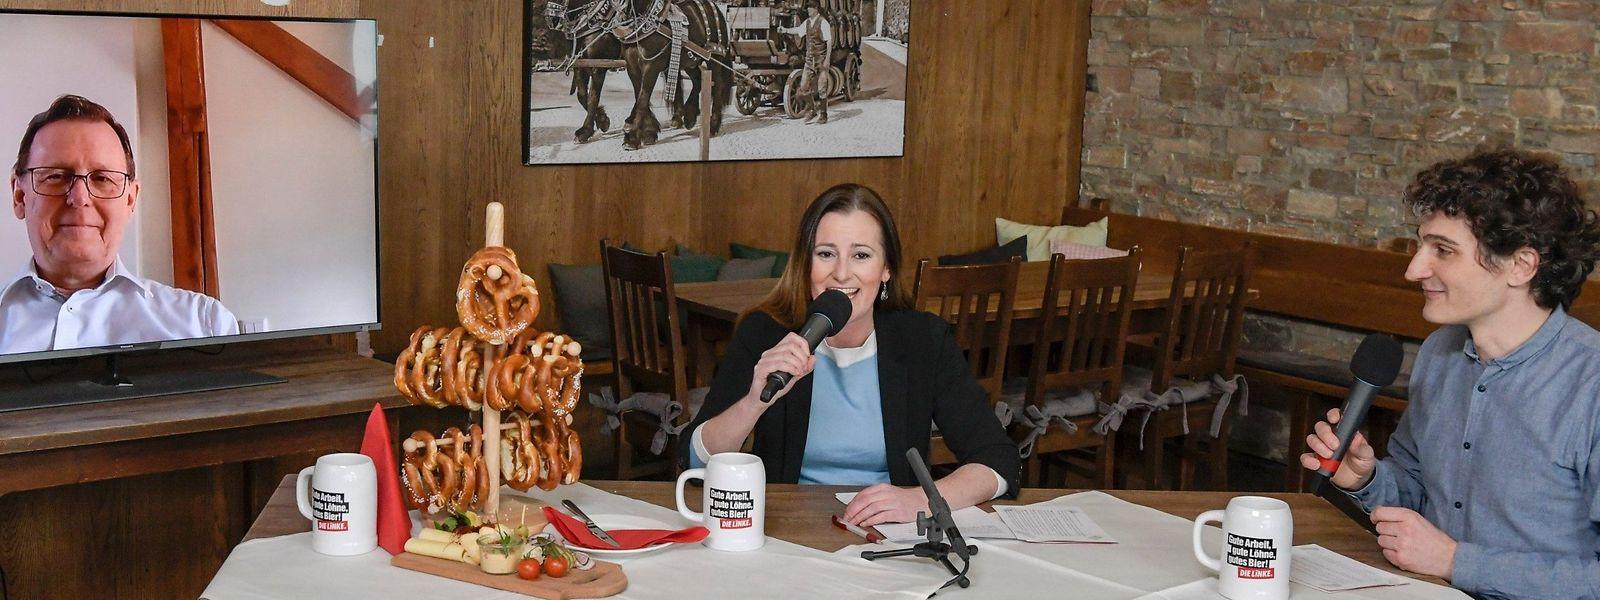 Sie ist eine der größten Talente der deutschen Linken: Die Vorsitzenden-Kandidatin Janine Wissler beim Politischen Aschermittwoch mit Thüringens Ministerpräsident Bodo Ramelow (zugeschaltet) und dem bayerischen Parteichef Ates Gürpinar.